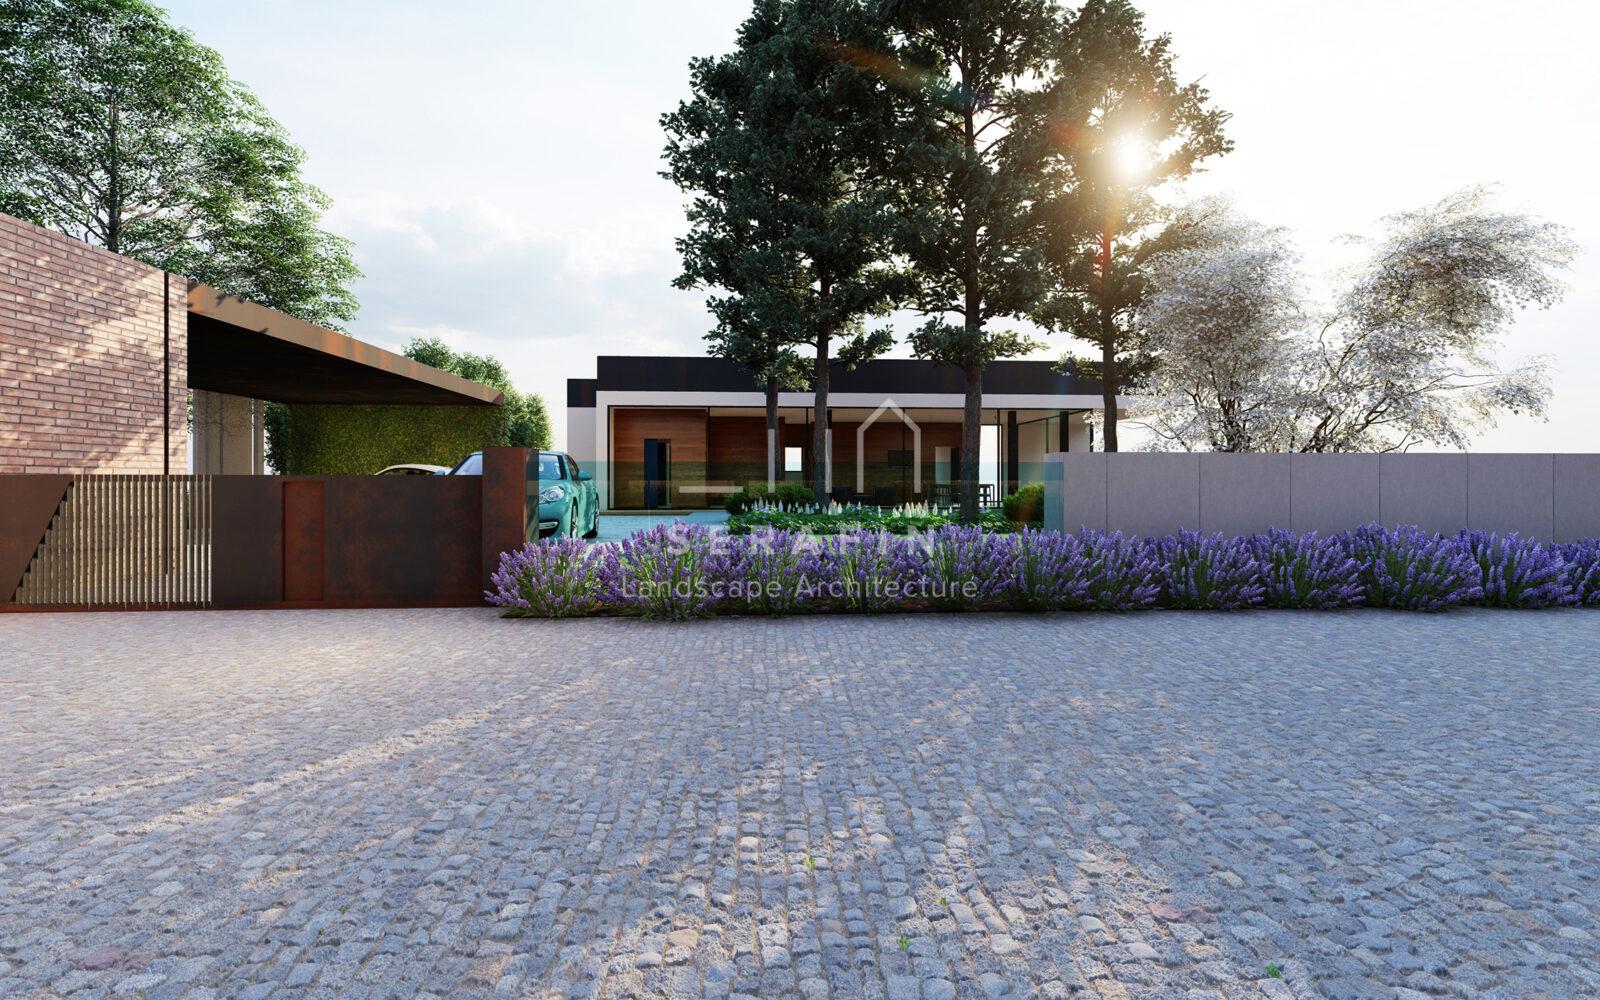 progettazione integrale di un giardino periurbano in provincia di Treviso - 1